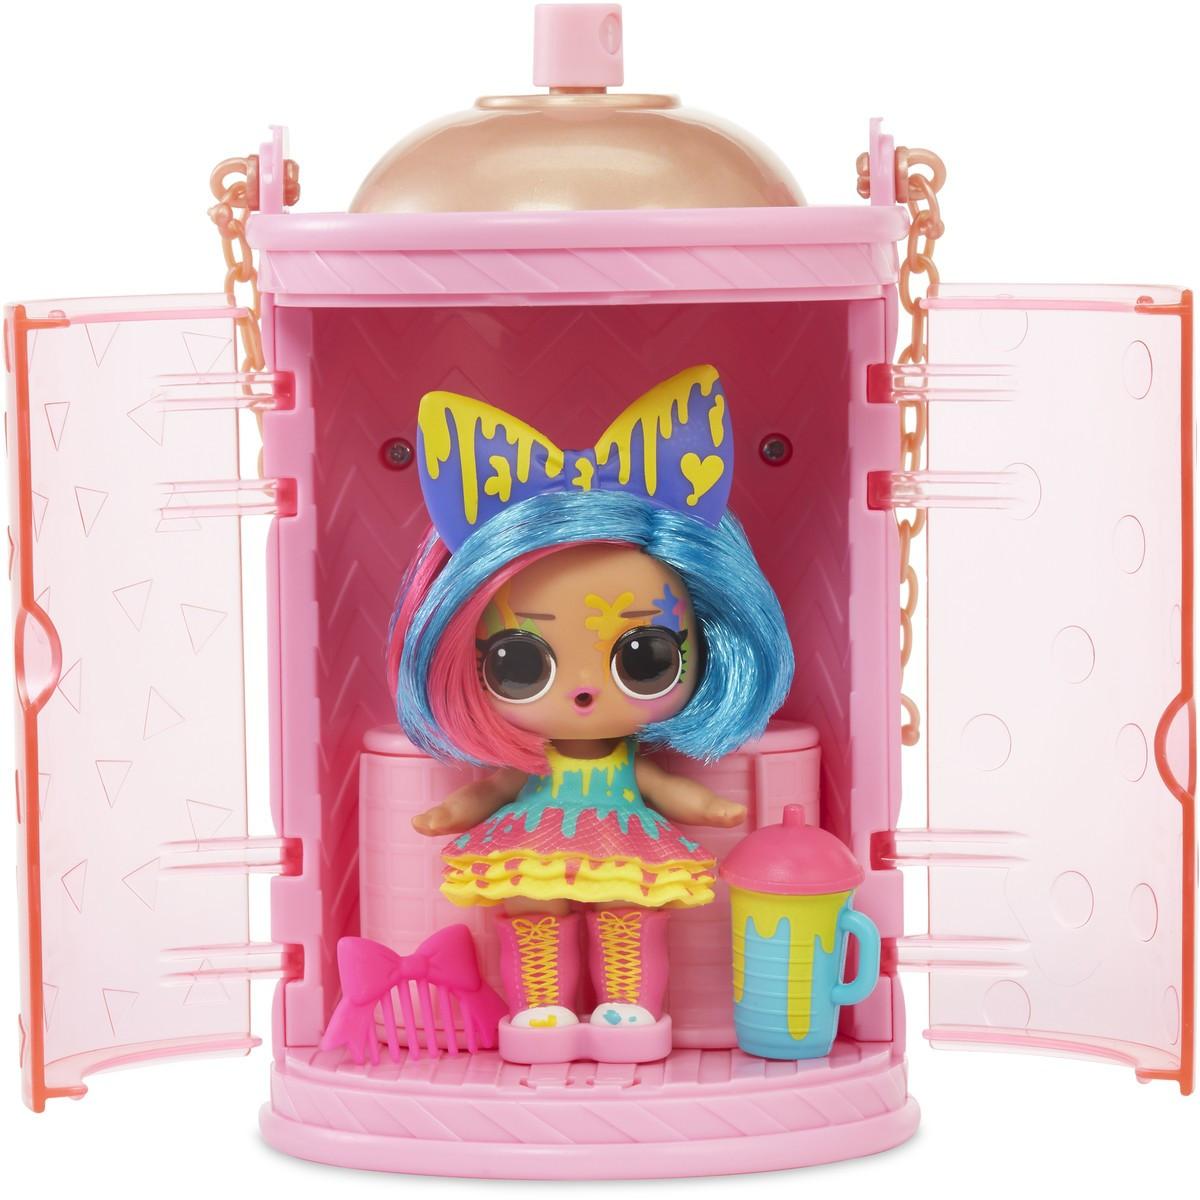 Кукла LOL surprise с волосами в капсуле НОВАЯ СЕРИЯ - Модные прически 4